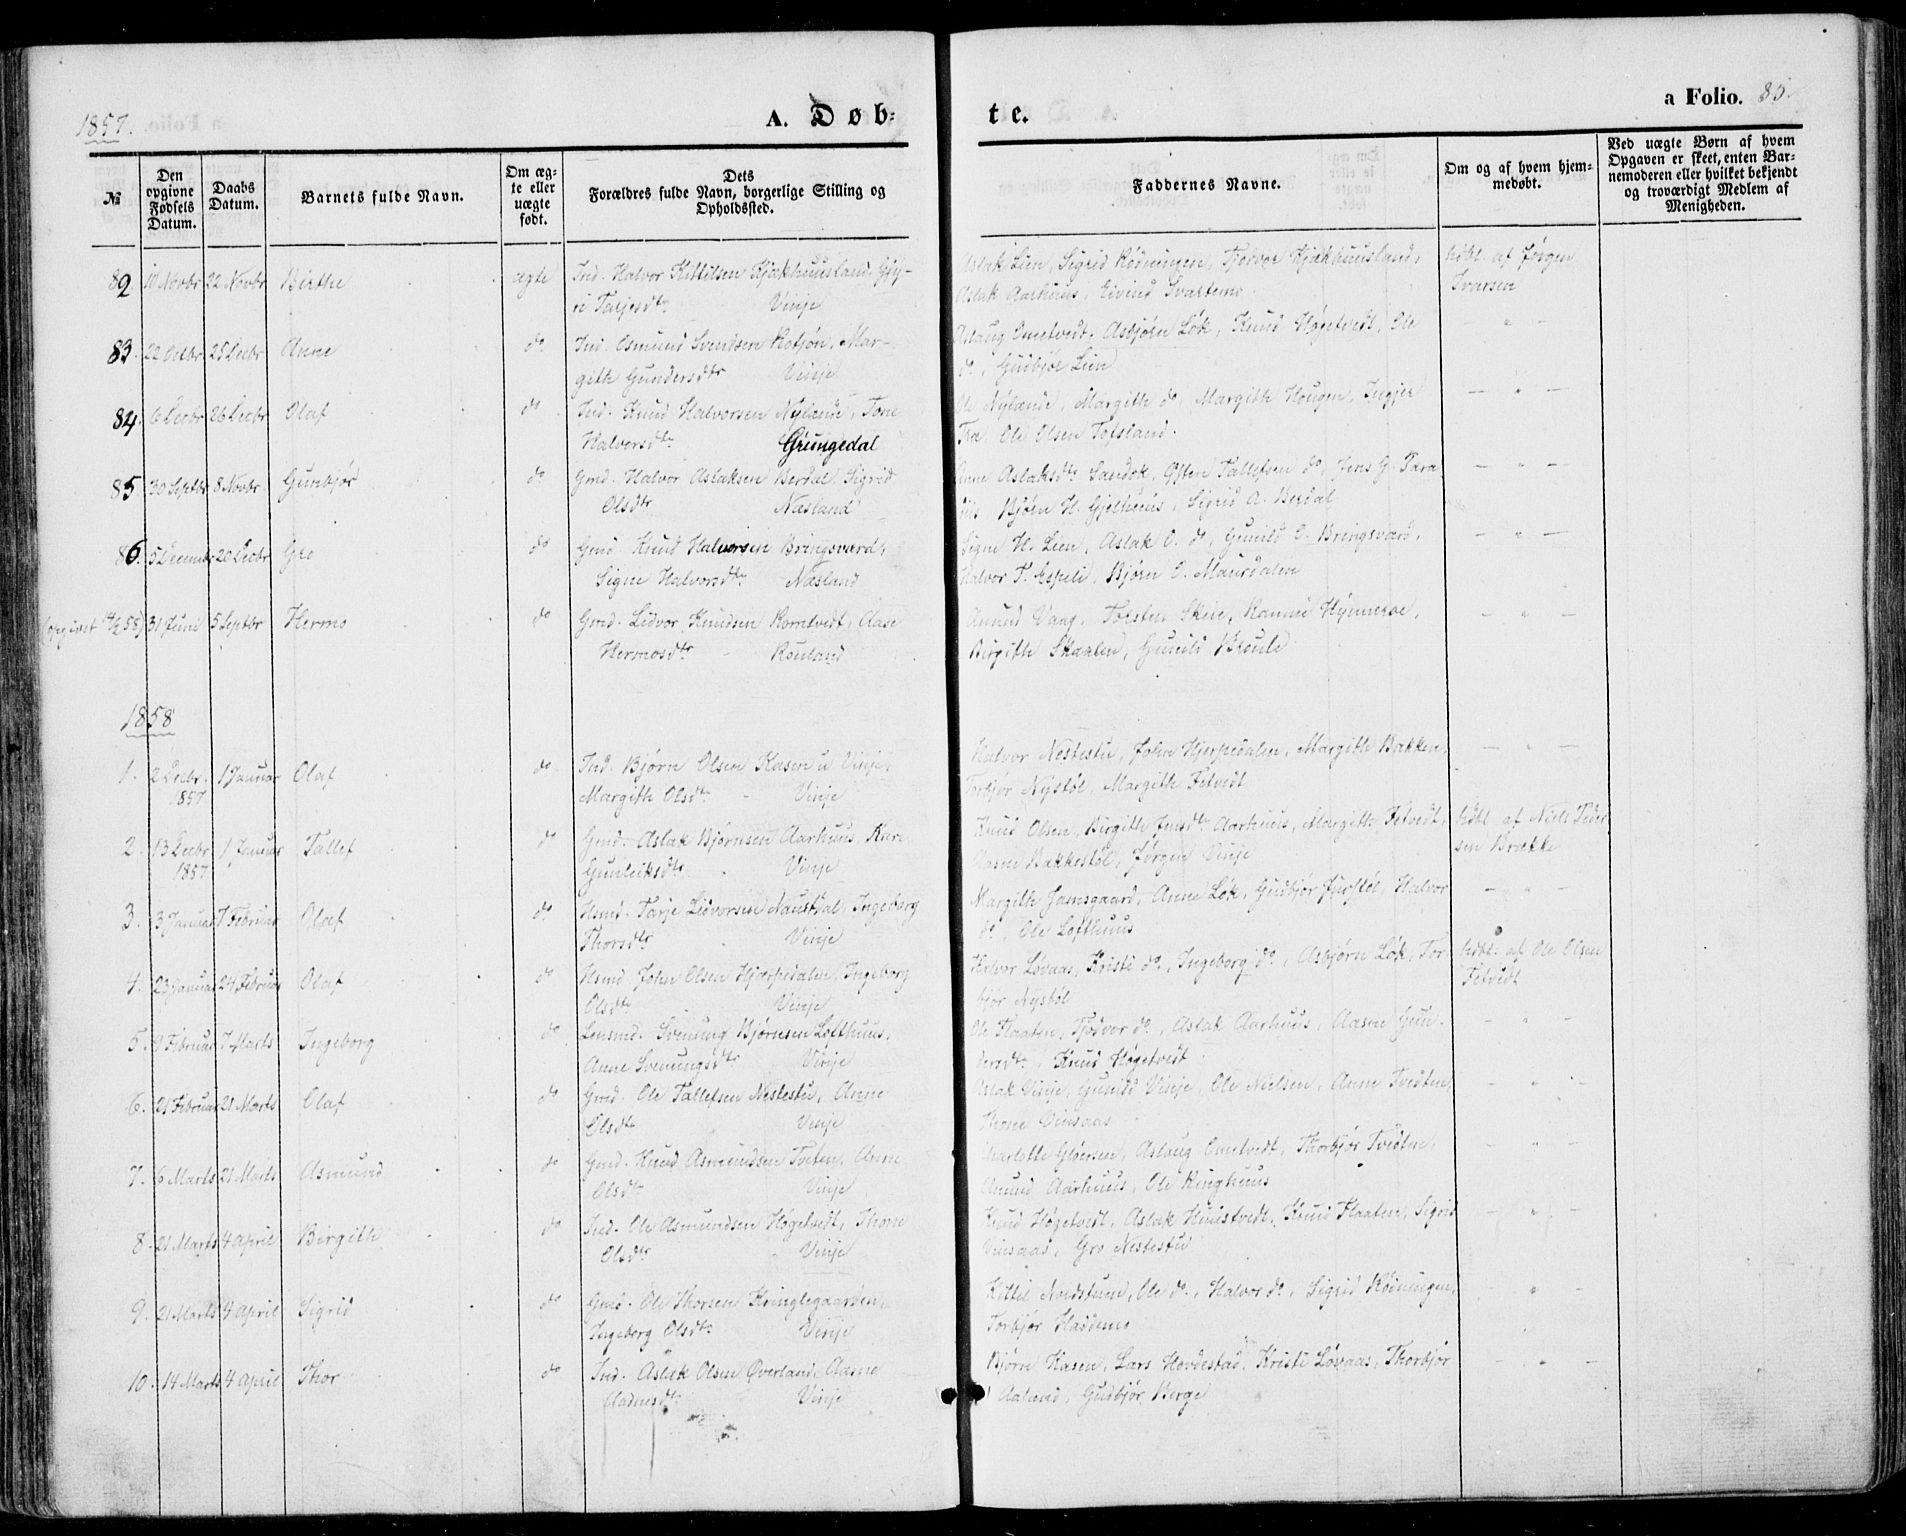 SAKO, Vinje kirkebøker, F/Fa/L0004: Ministerialbok nr. I 4, 1843-1869, s. 85